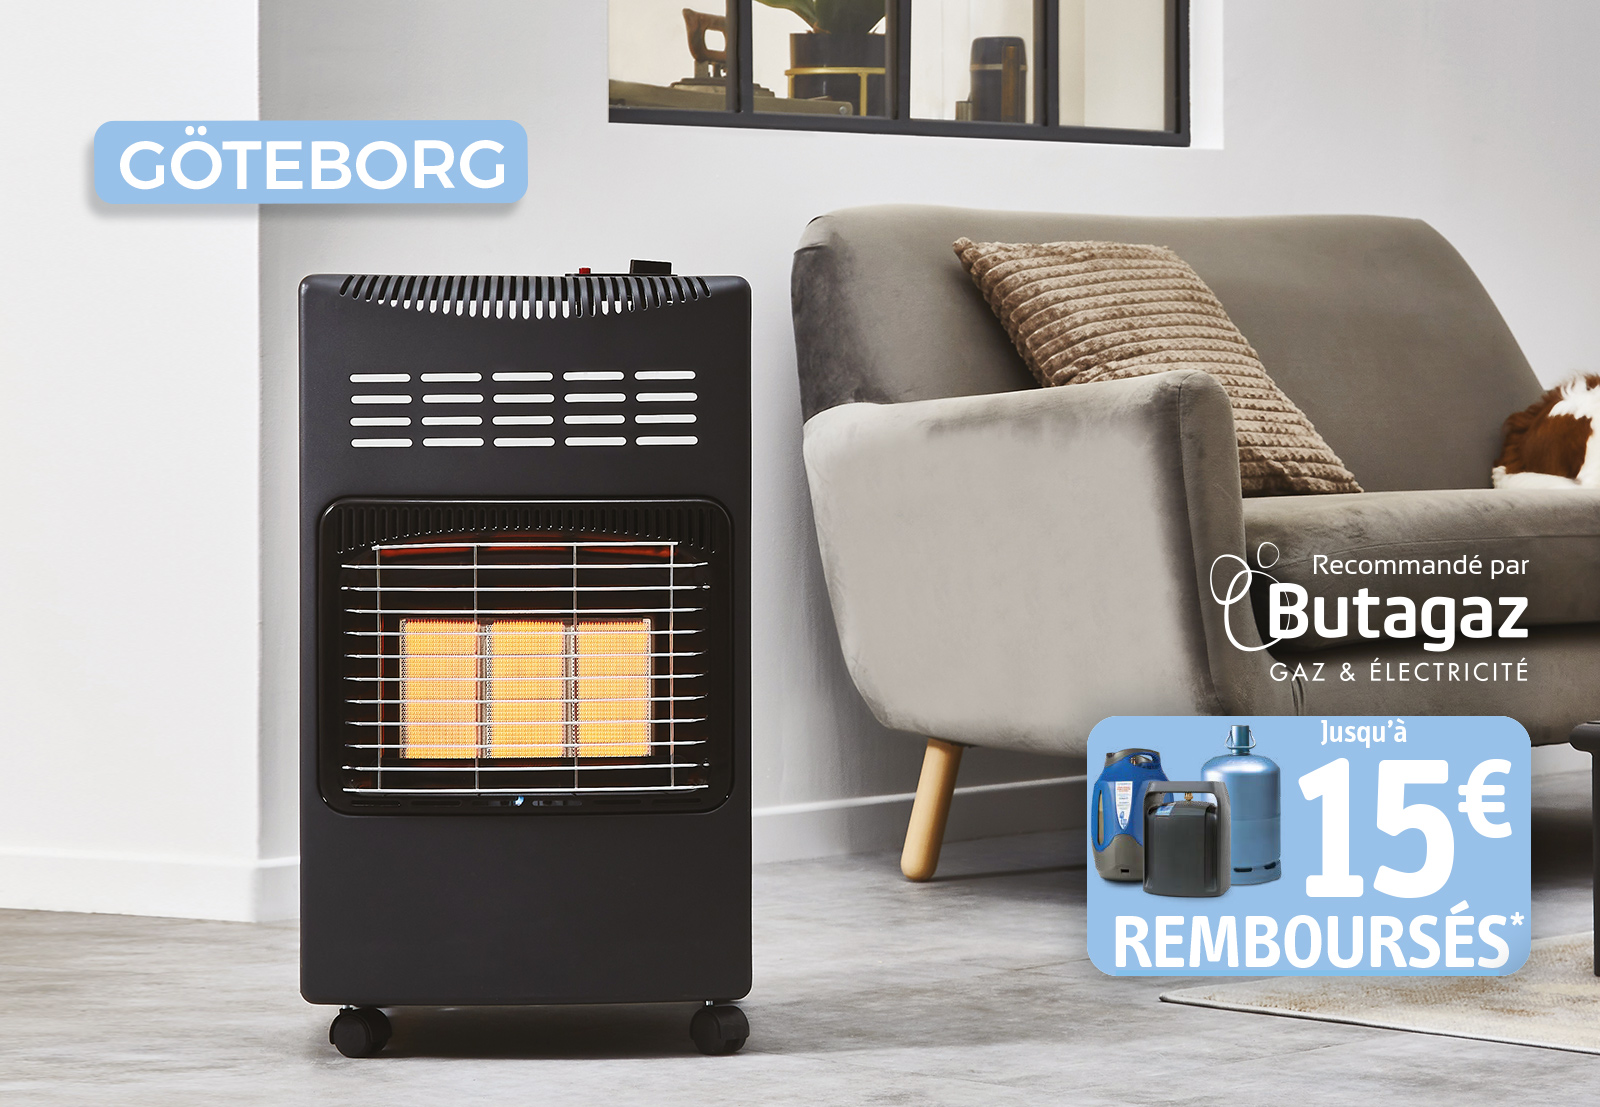 Nouveau chauffage d'appoint Göteborg : 3 raisons de l'acheter ! En exclusivité : 15€ remboursés par Butagaz